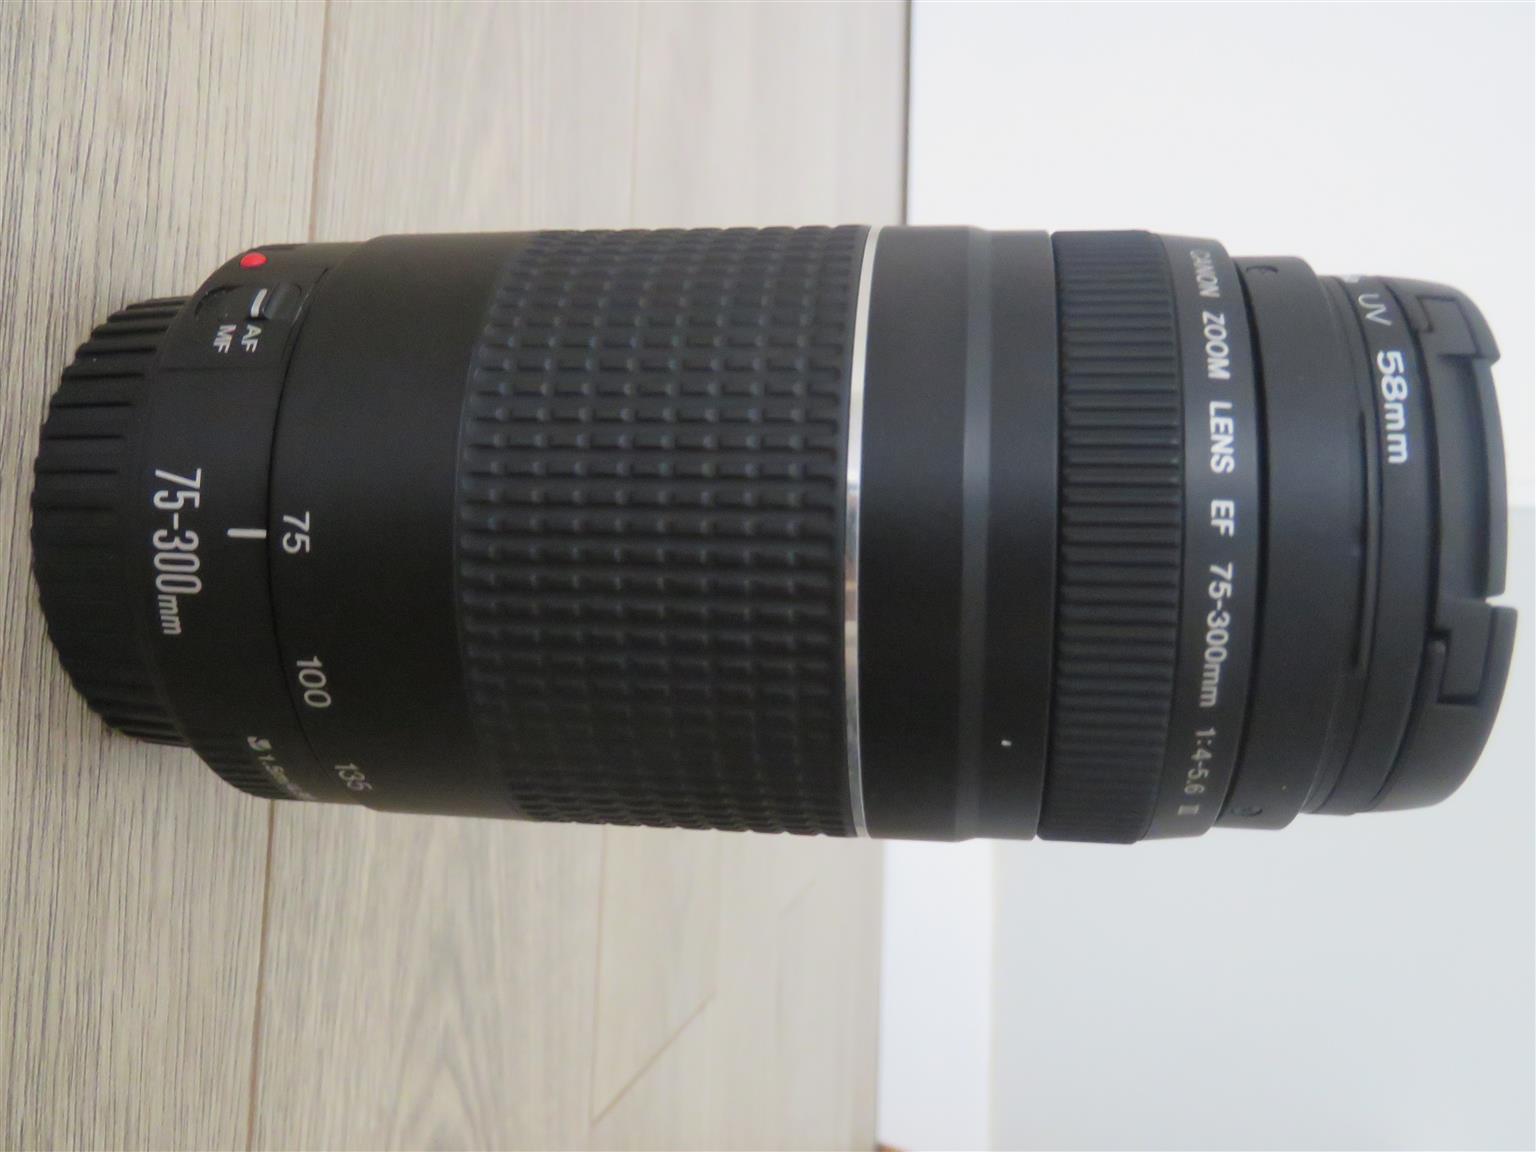 canon 600D SLR